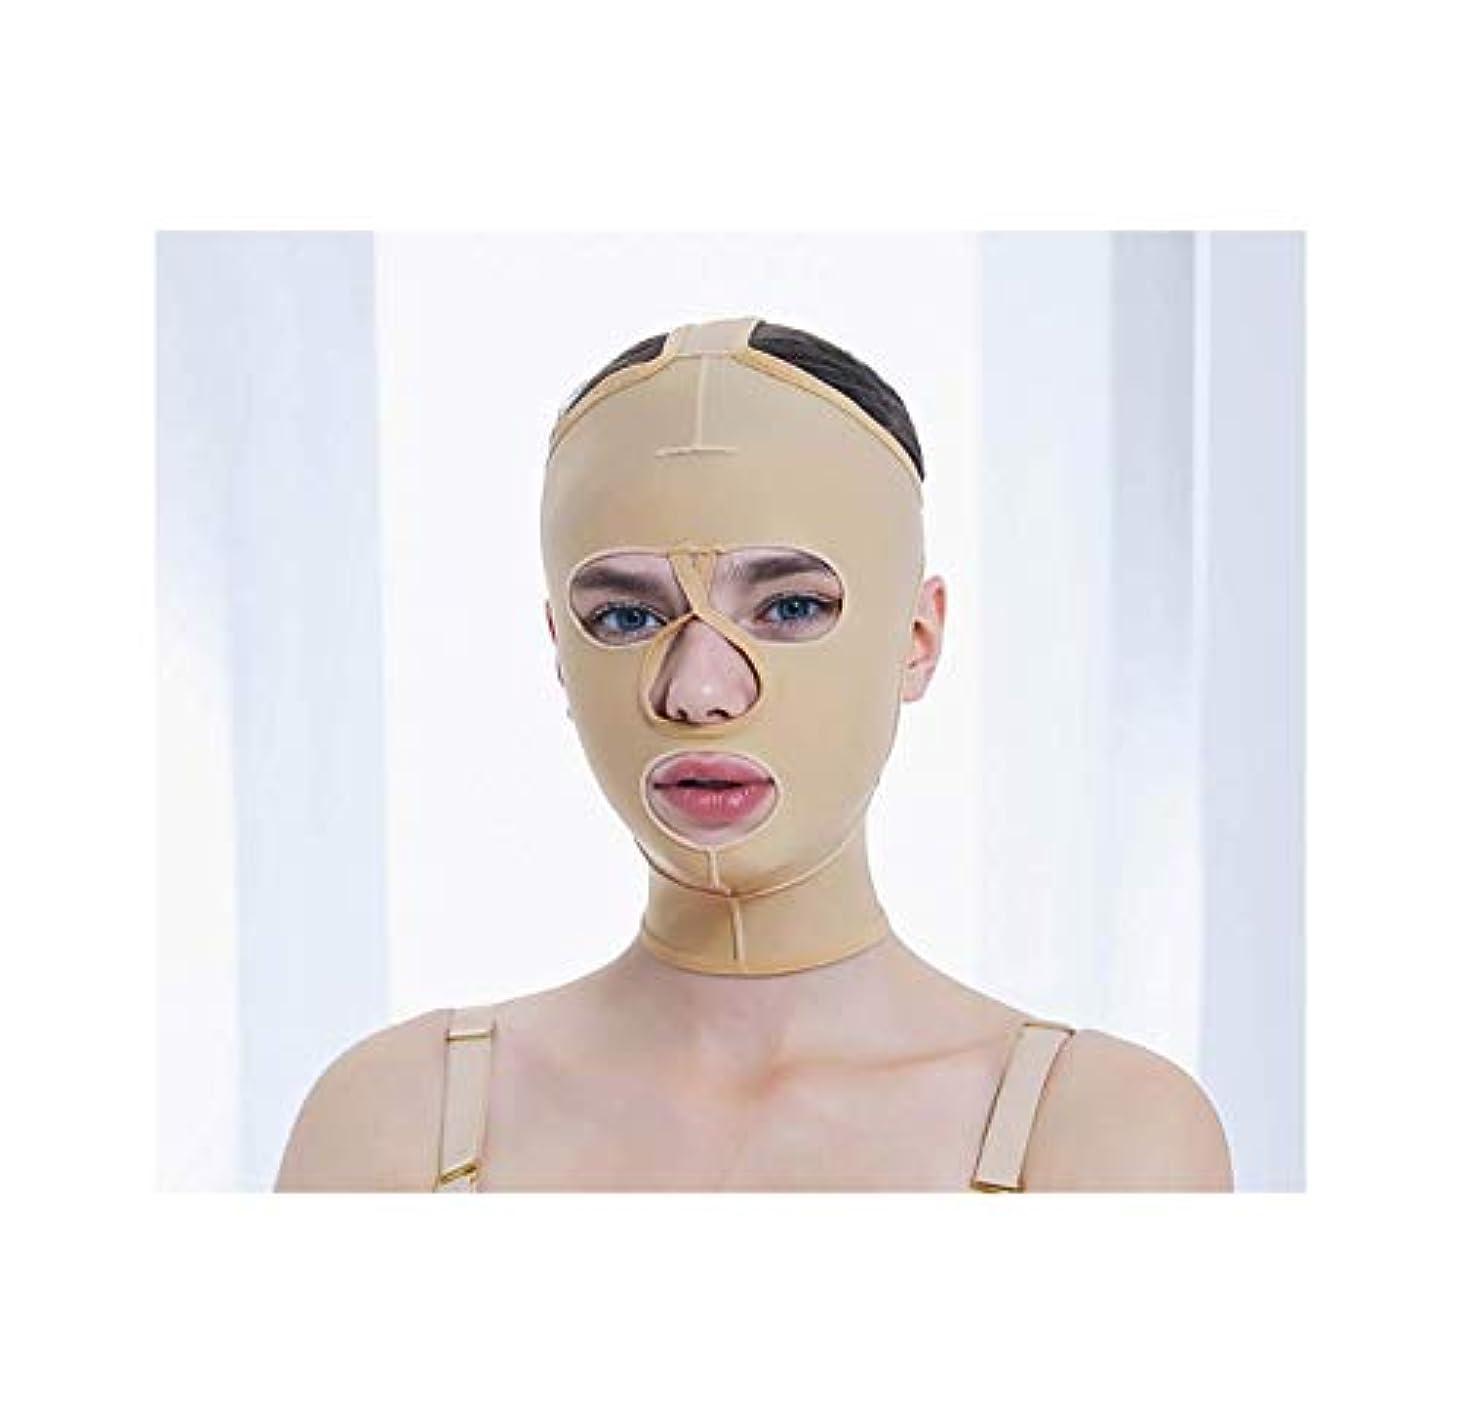 再集計フルーティーしたがってフェイス&ネックリフト、減量フェイスマスク脂肪吸引術脂肪吸引整形マスクフードフェイスリフティングアーティファクトVフェイスビームフェイス弾性スリーブ(サイズ:XS),L